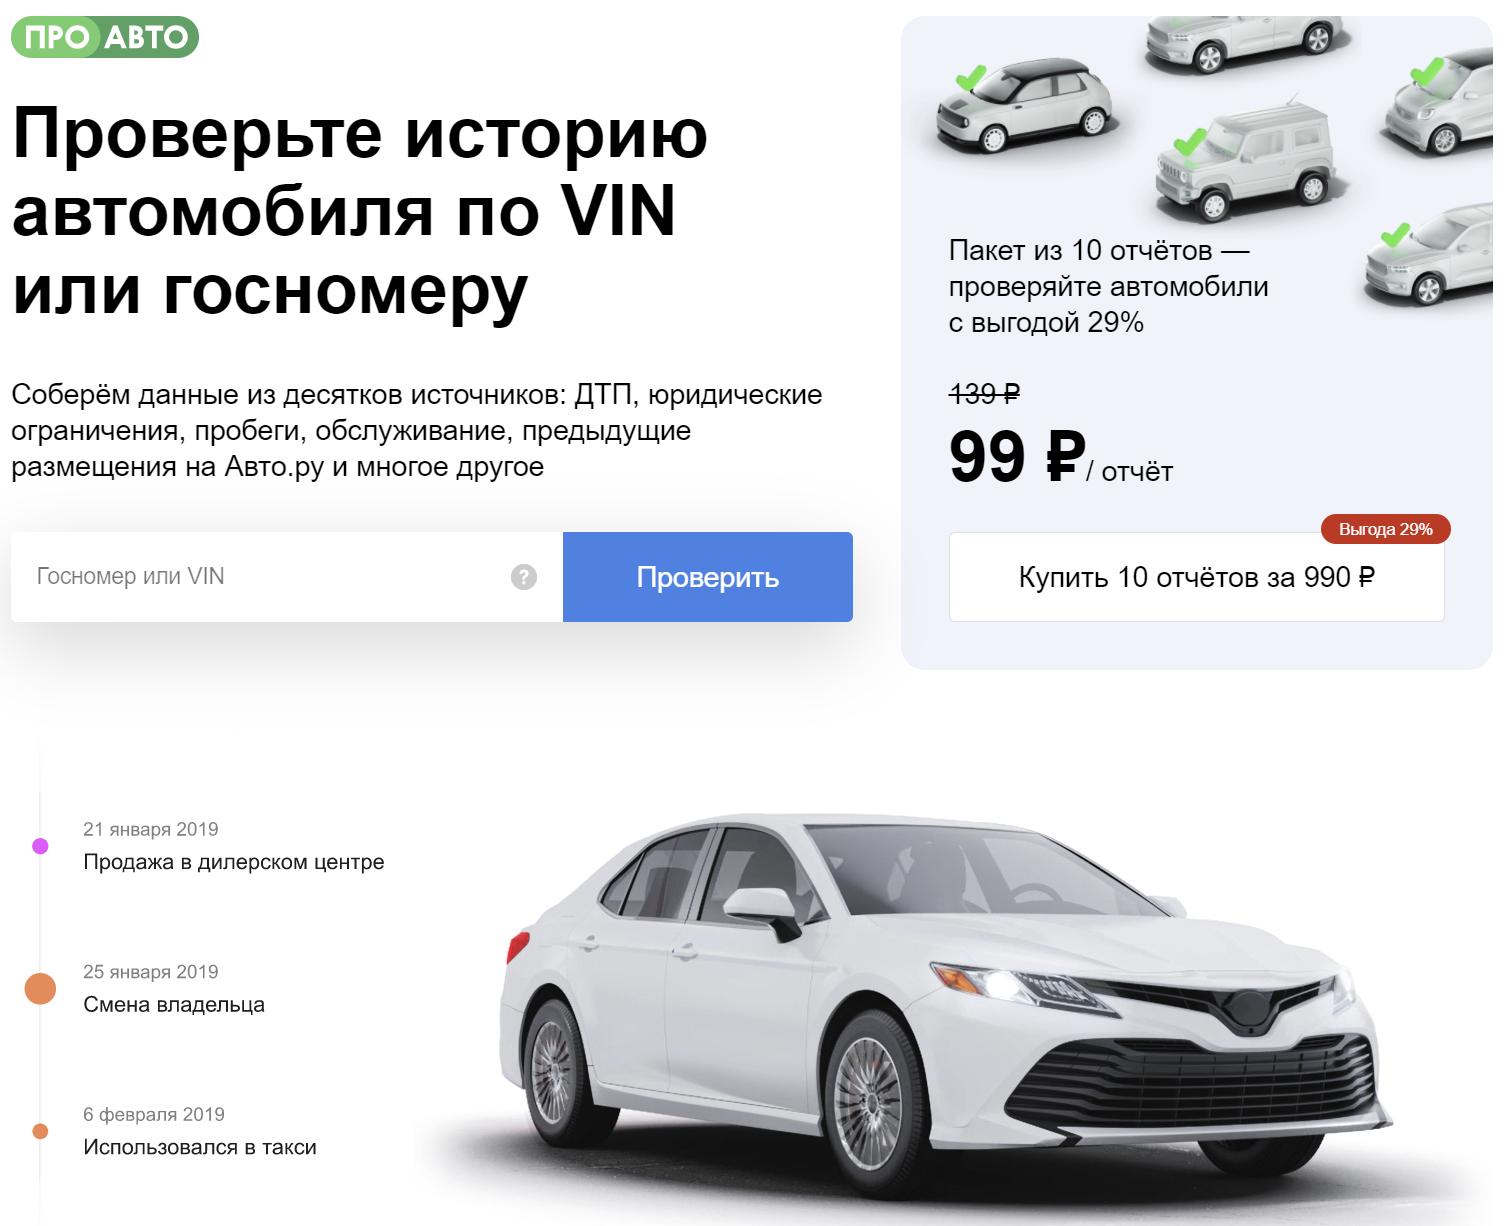 Как проверить историю автомобиля по VIN или госномеру